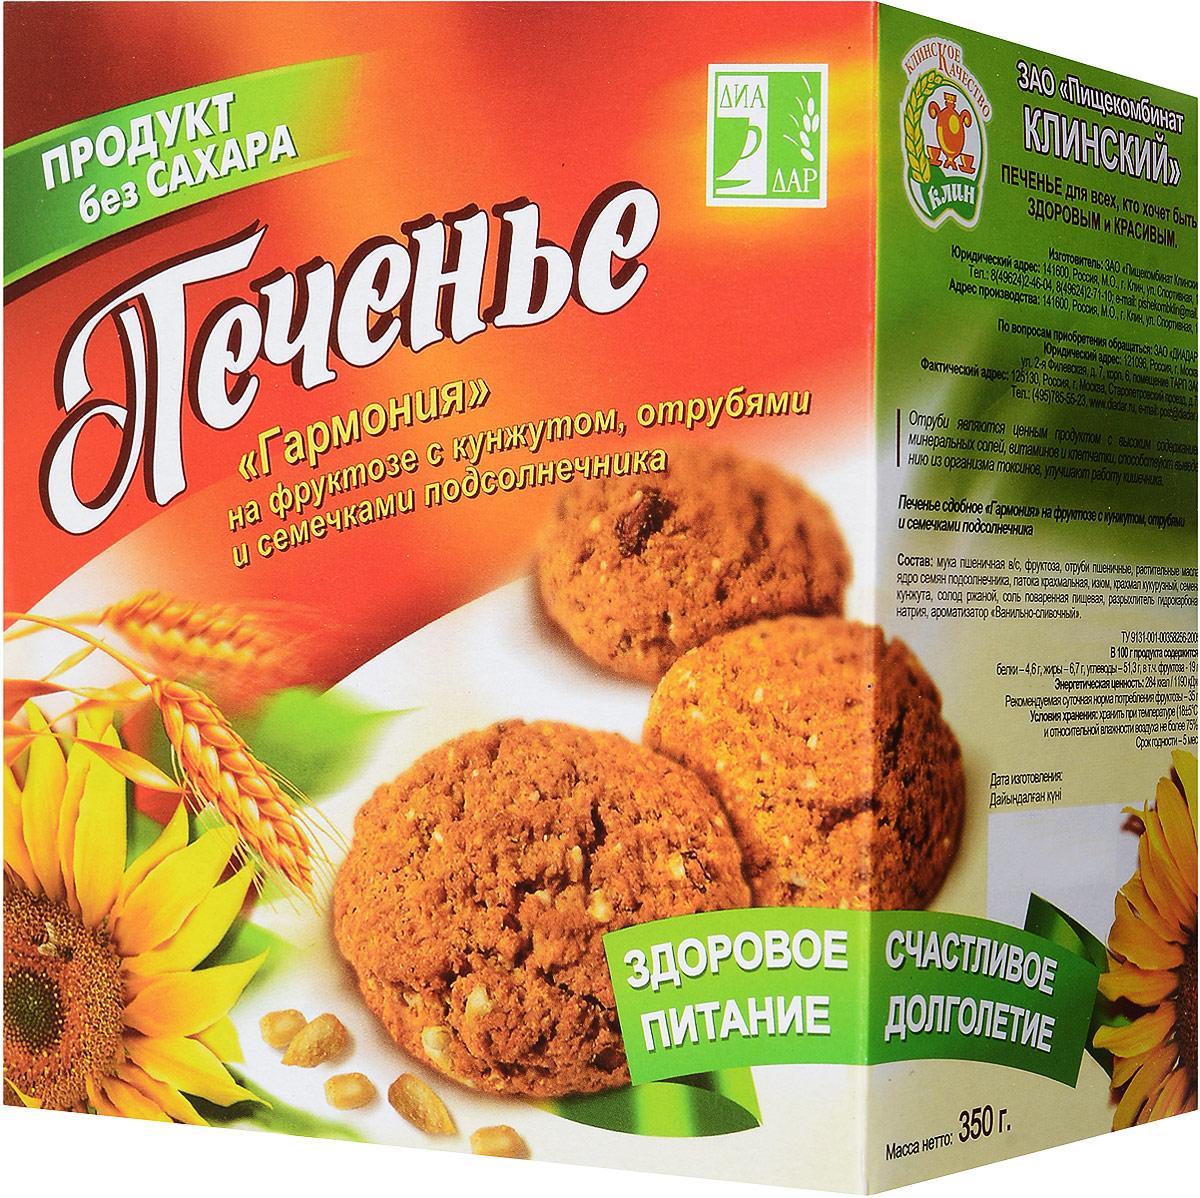 Гармония Печенье на фруктозе с кунжутом отрубями и семечками подсолнечника, 350 г 4607035430442